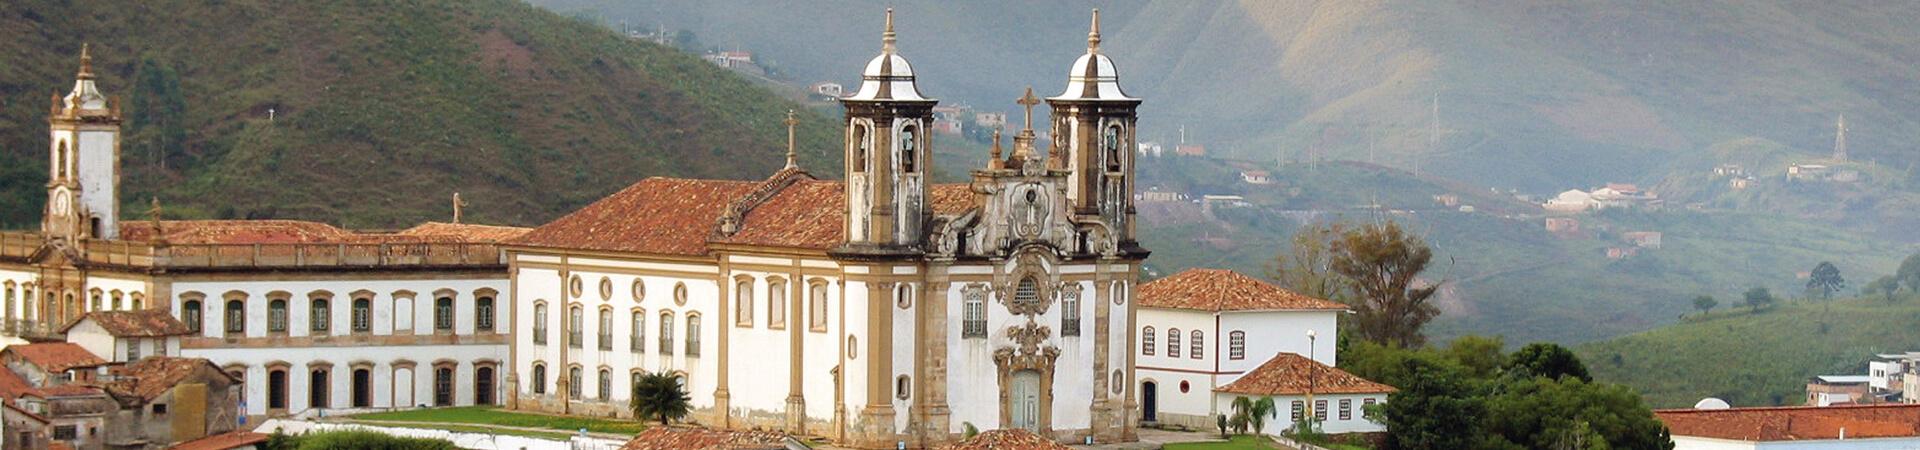 Igreja de Ouro Preto